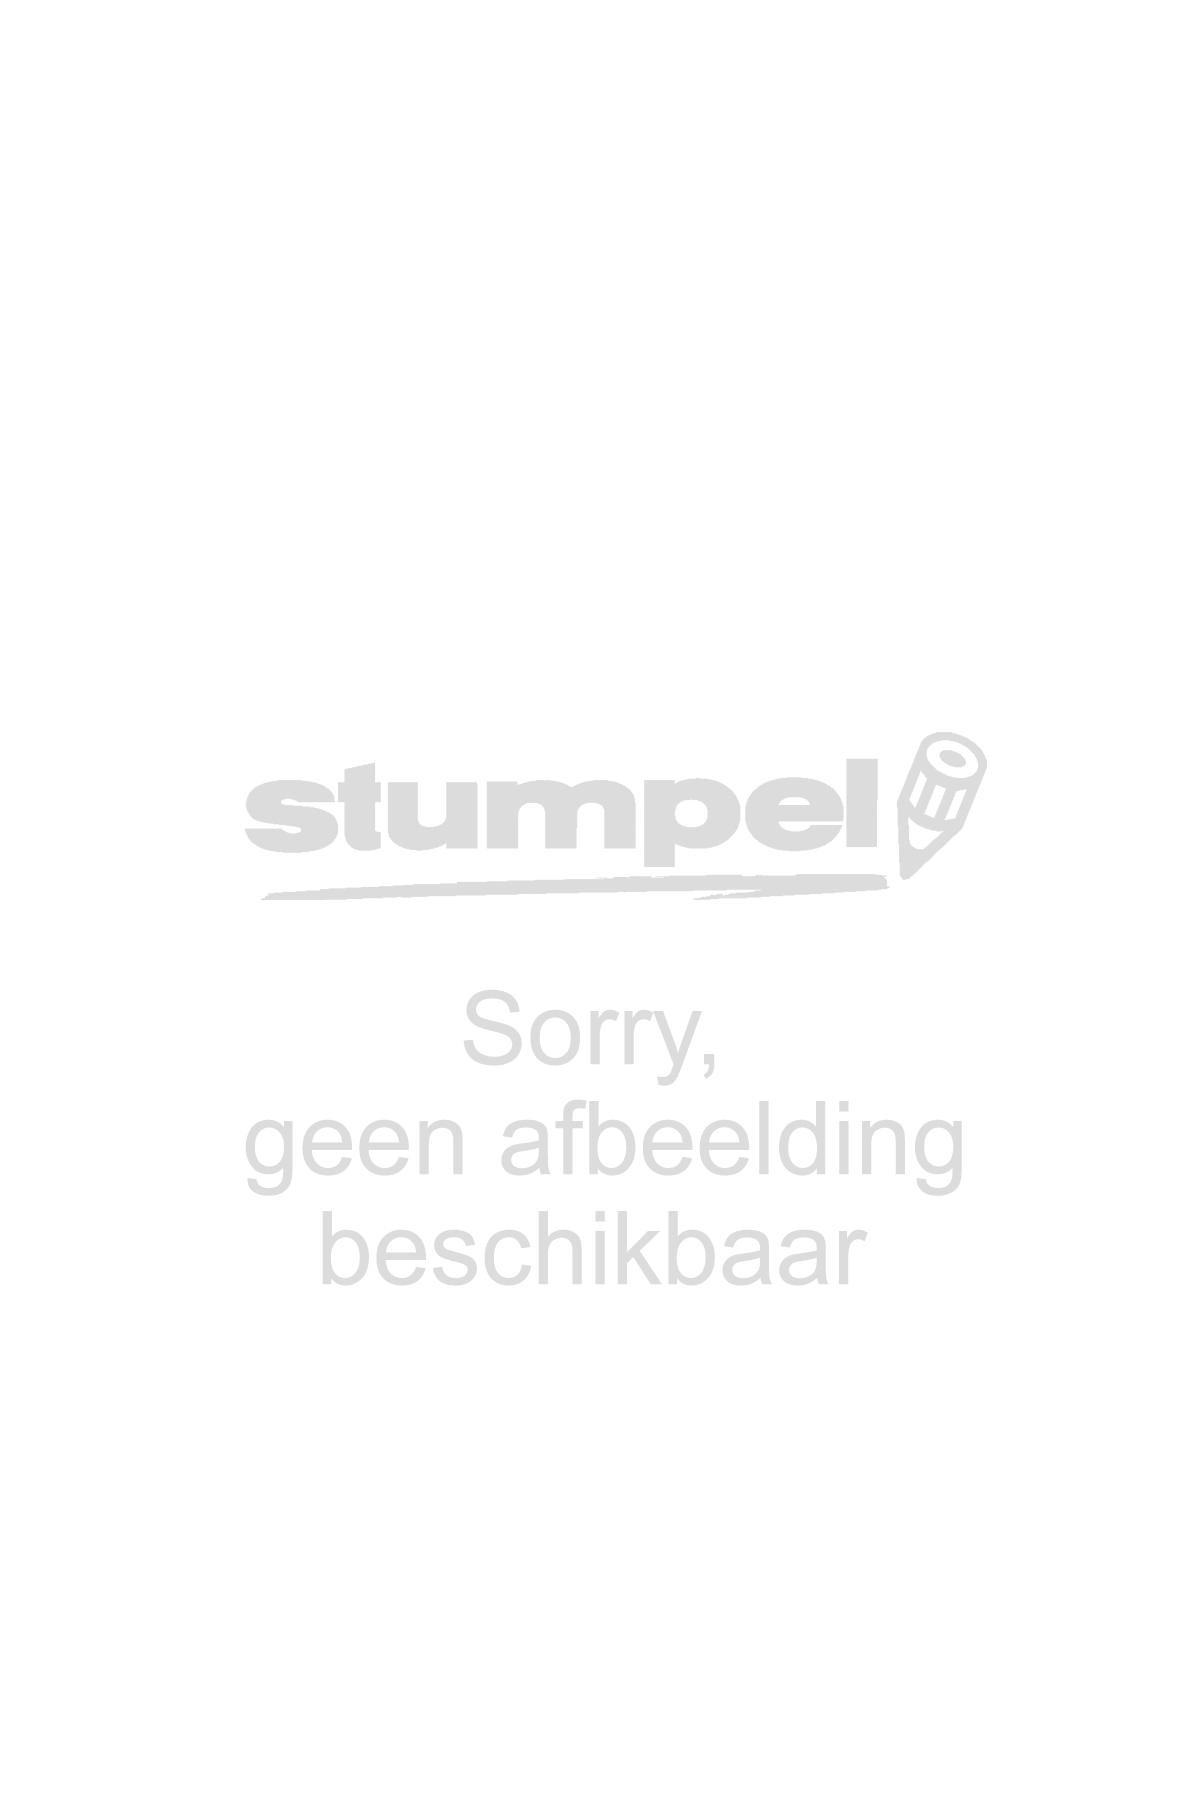 agenda-2021-ryam-weekplan-wit-nl-mundior-blauw-11010945